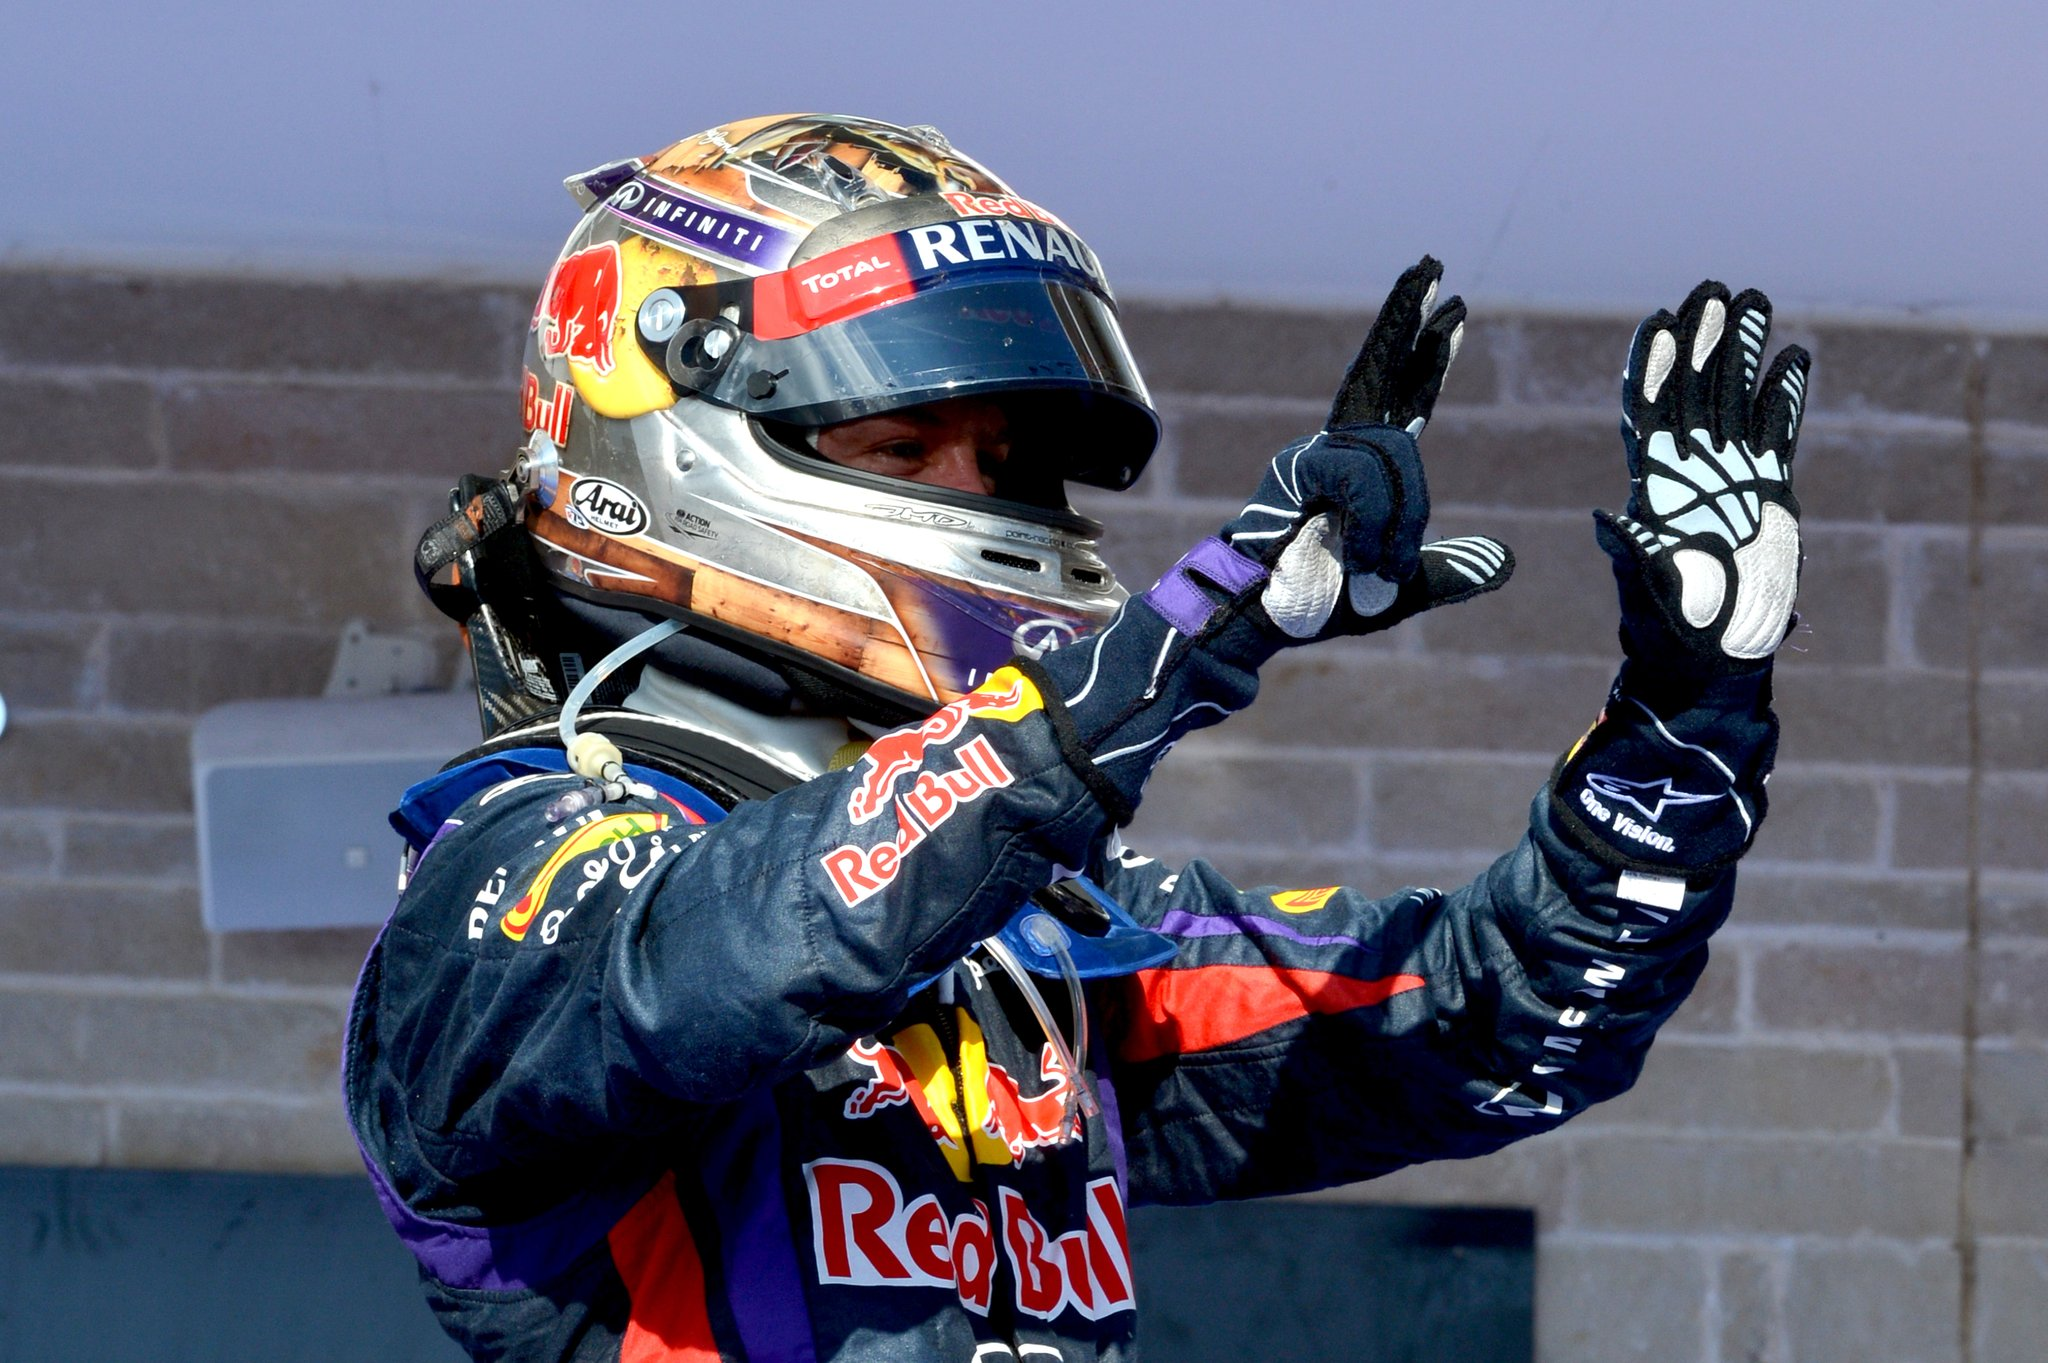 #AccaddeOggi: Il 17/11/2013 #Vettel vince ad #Austin lo #USGP, stabilendo il record di successi consecutivi in stagione (8) #F1 #SkyMotori https://t.co/nLT2FNh9X5